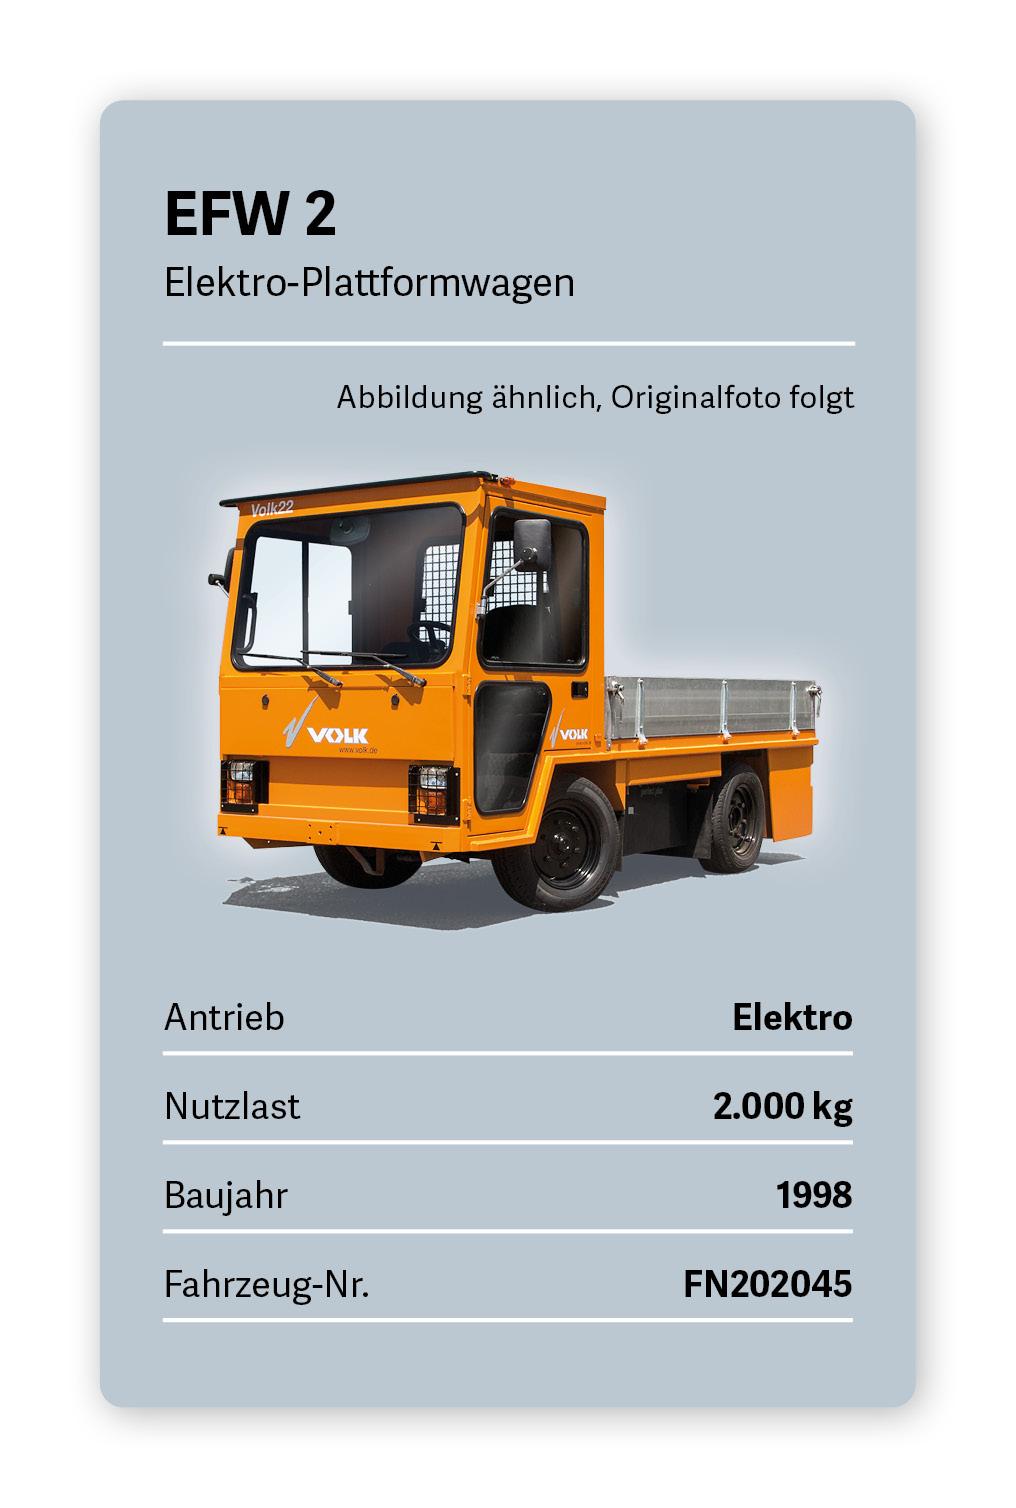 VOLK Elektro Plattformwagen EFW 2 Gebraucht